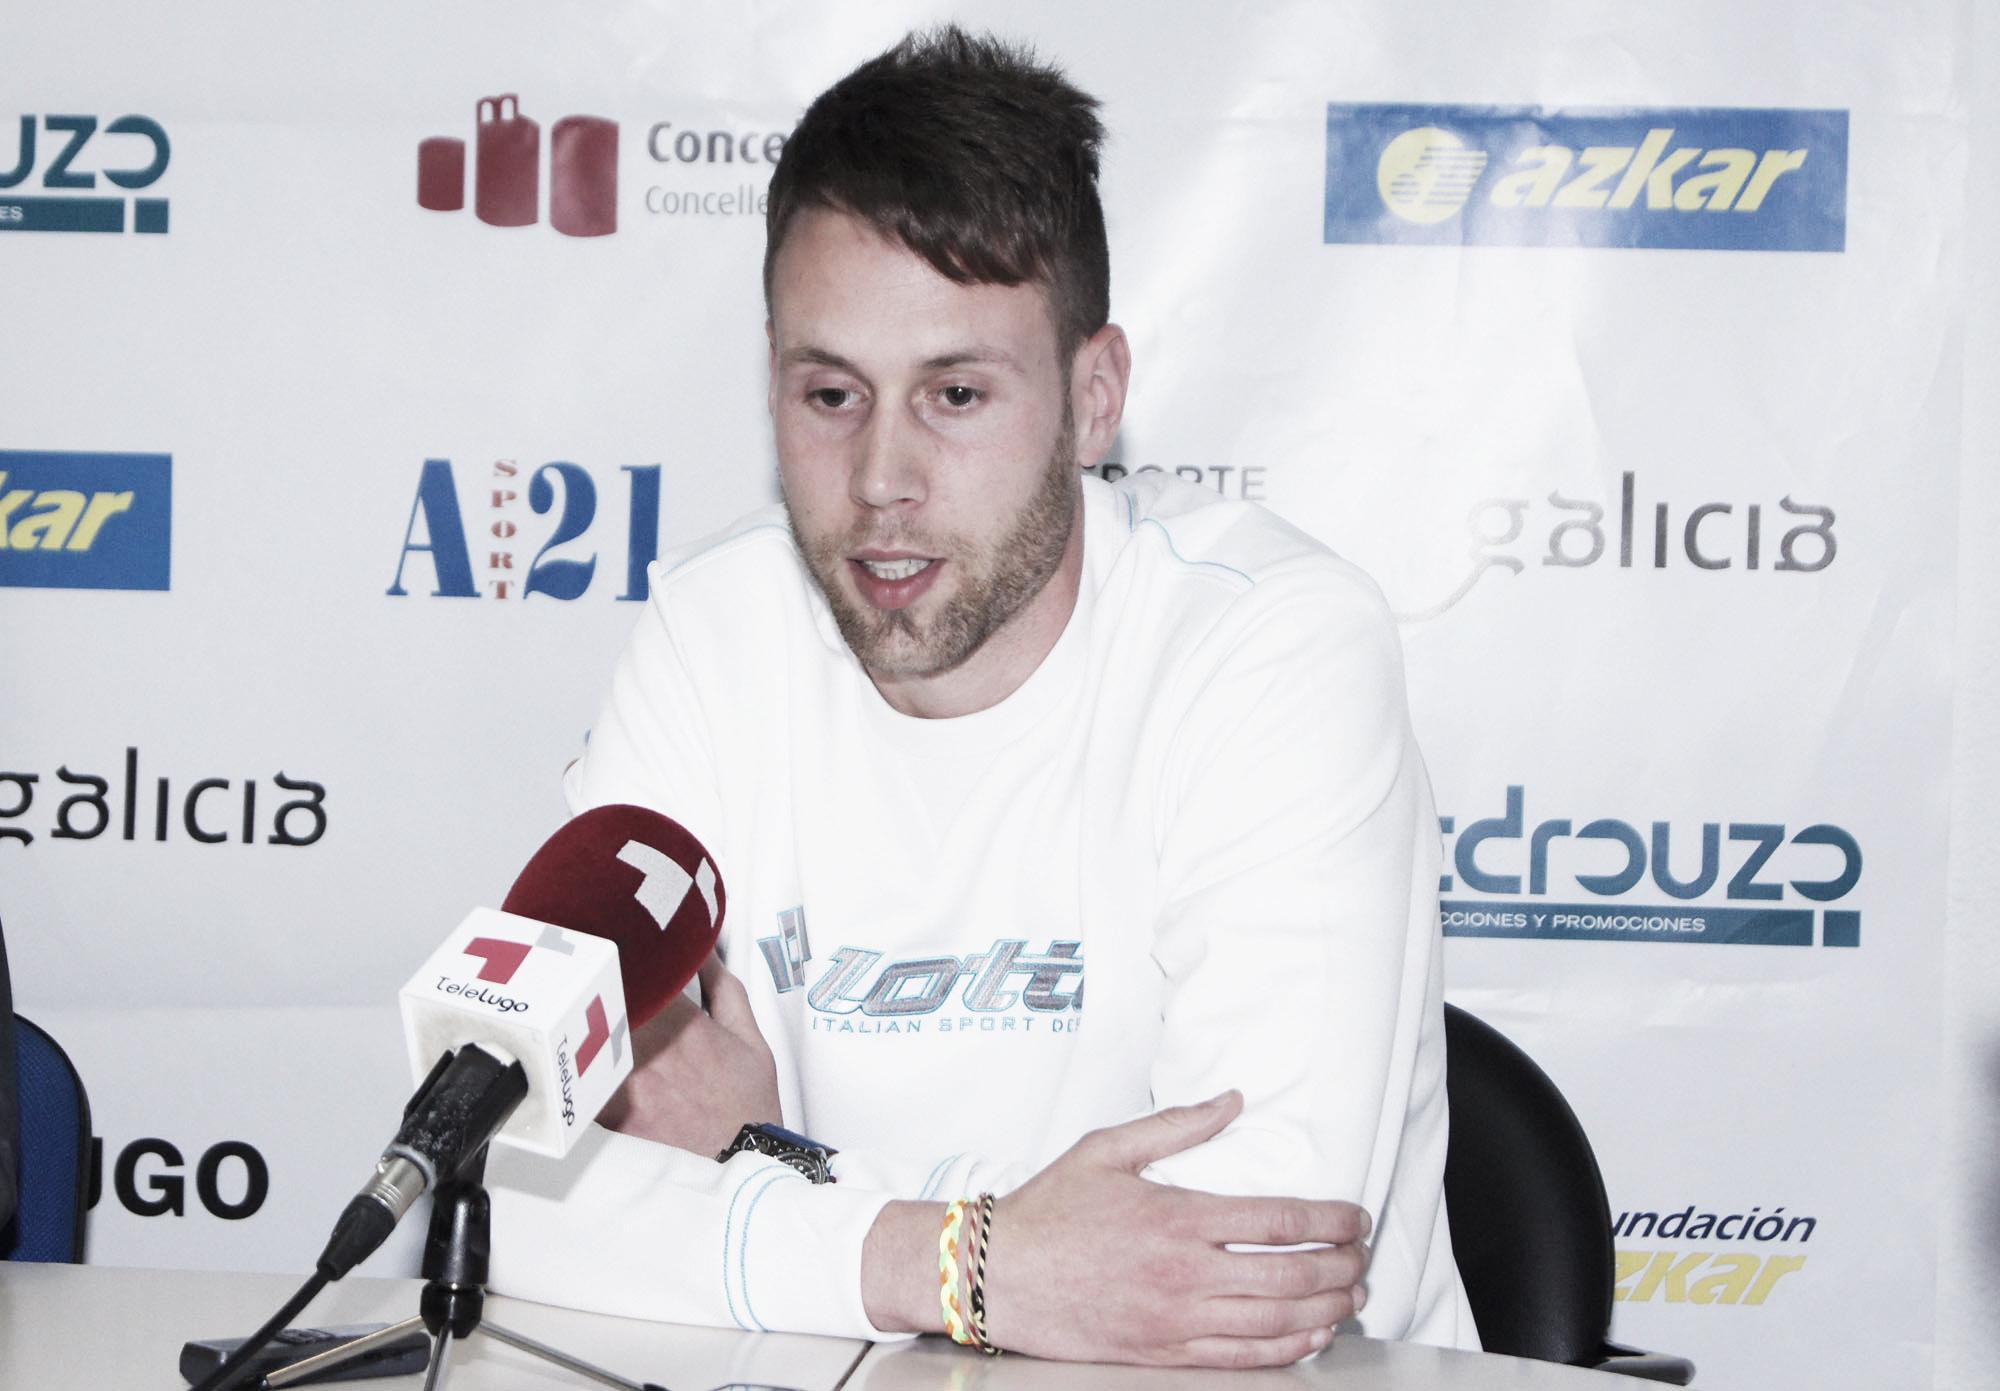 Óscar Iglesias renueva por una temporada con Azkar Lugo